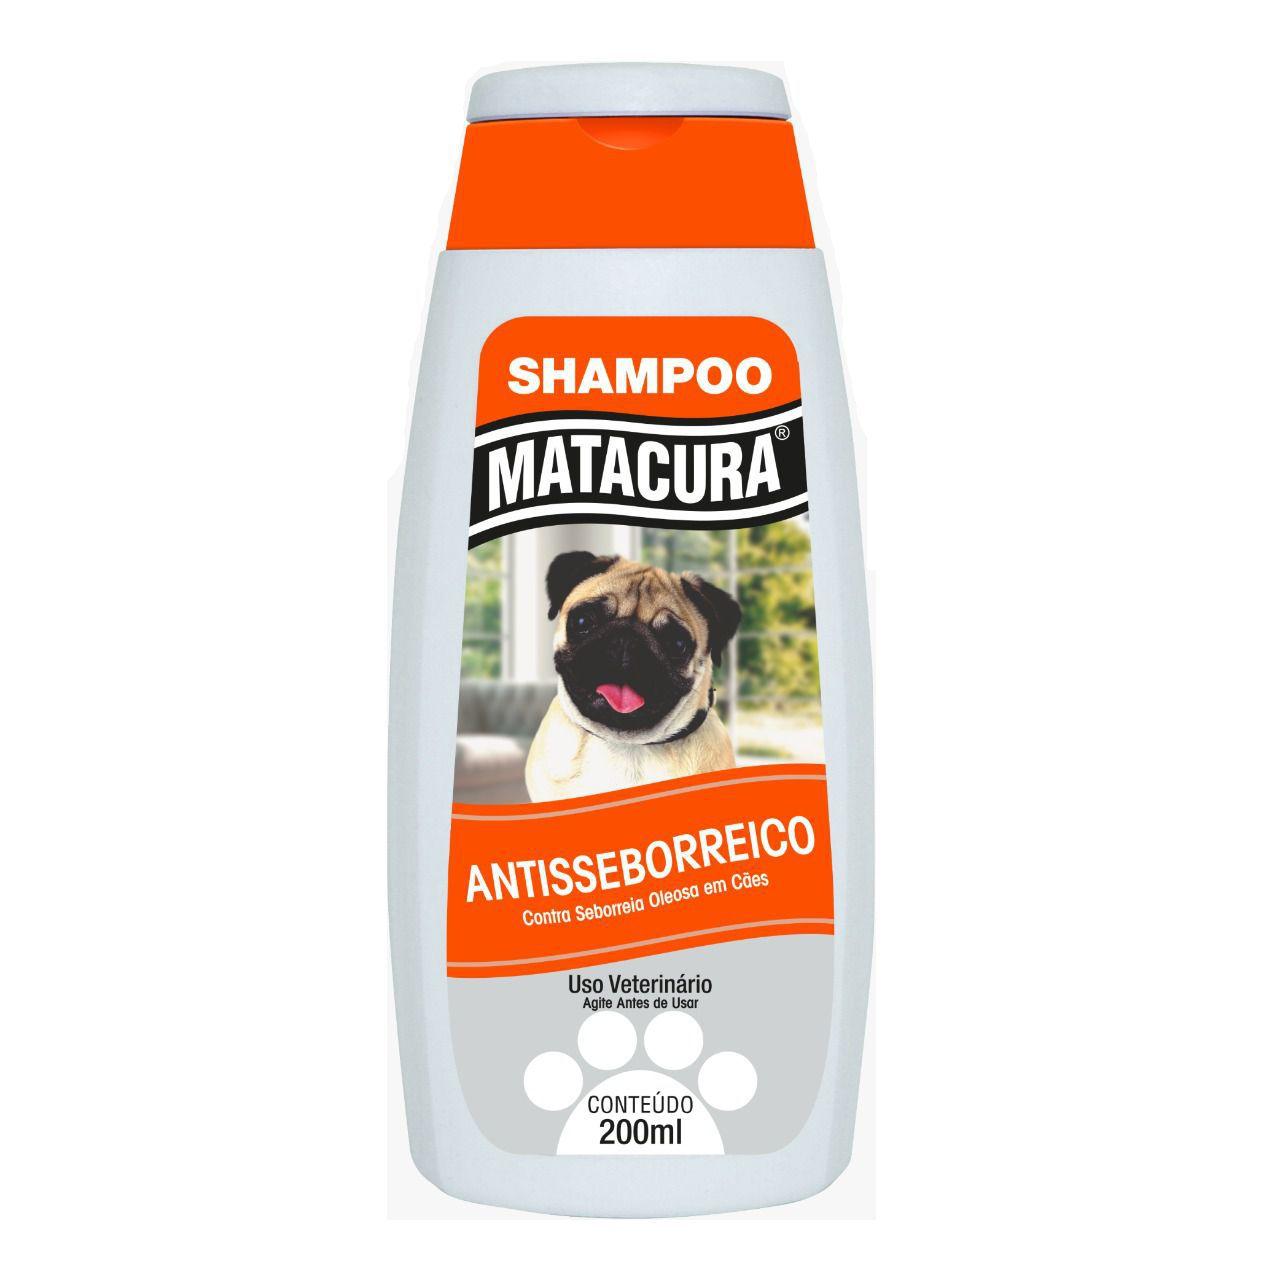 Matacura Shampoo Antisseborreico 200ml